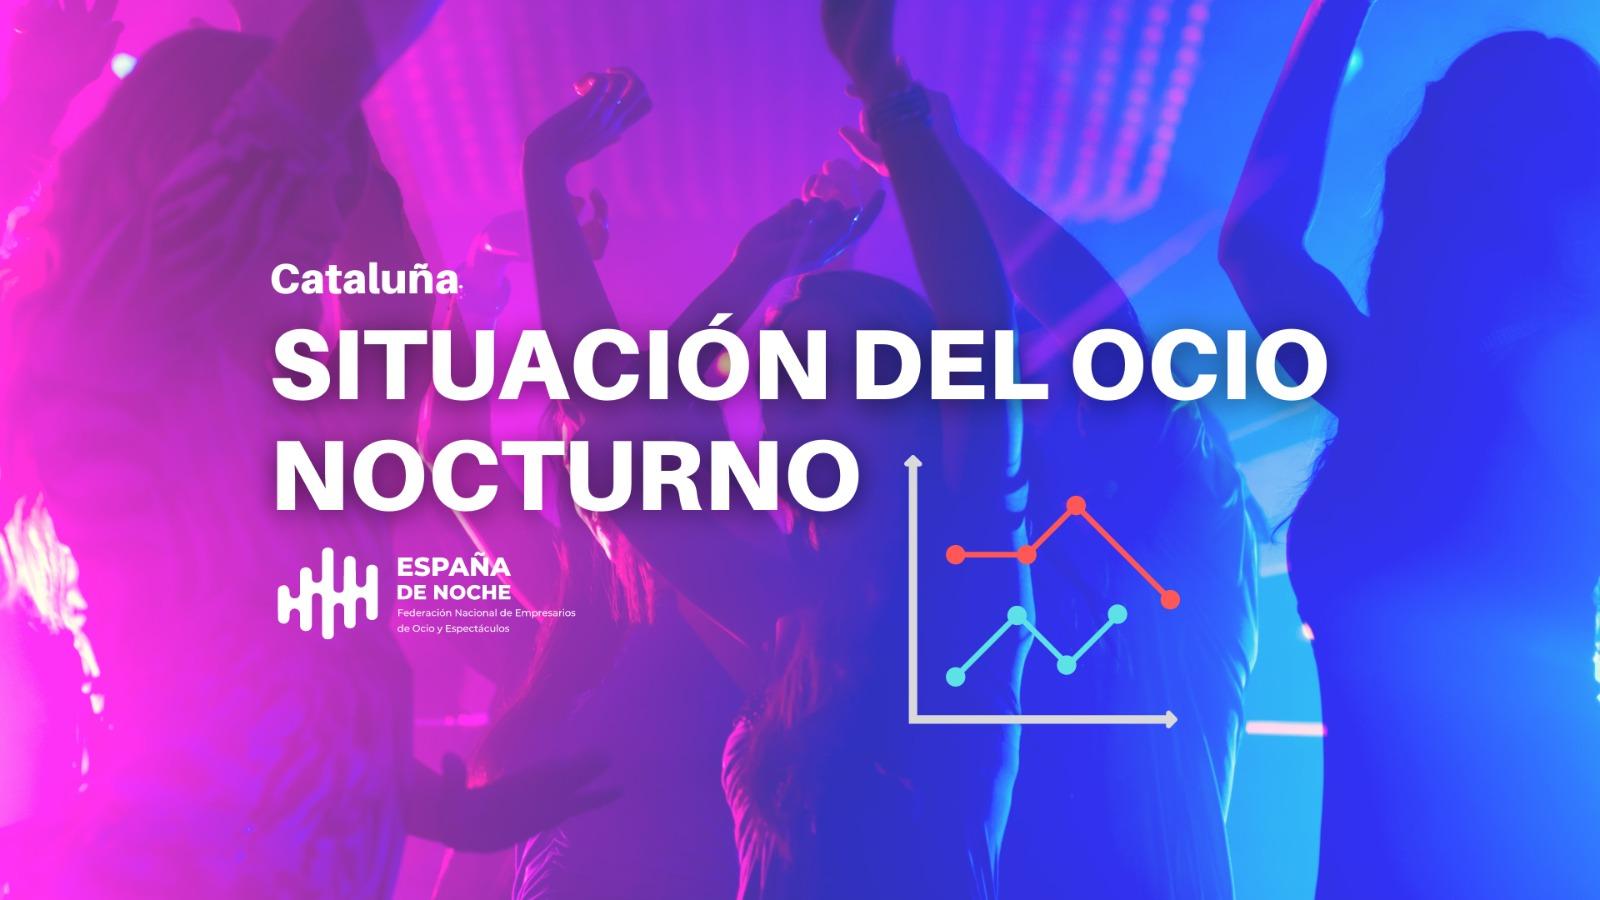 Un estudio realizado por la Federación Nacional de Empresarios de Ocio y Espectáculos (ESPAÑA DE NOCHE), evidencia la situación actual del ocio nocturno en Cataluña